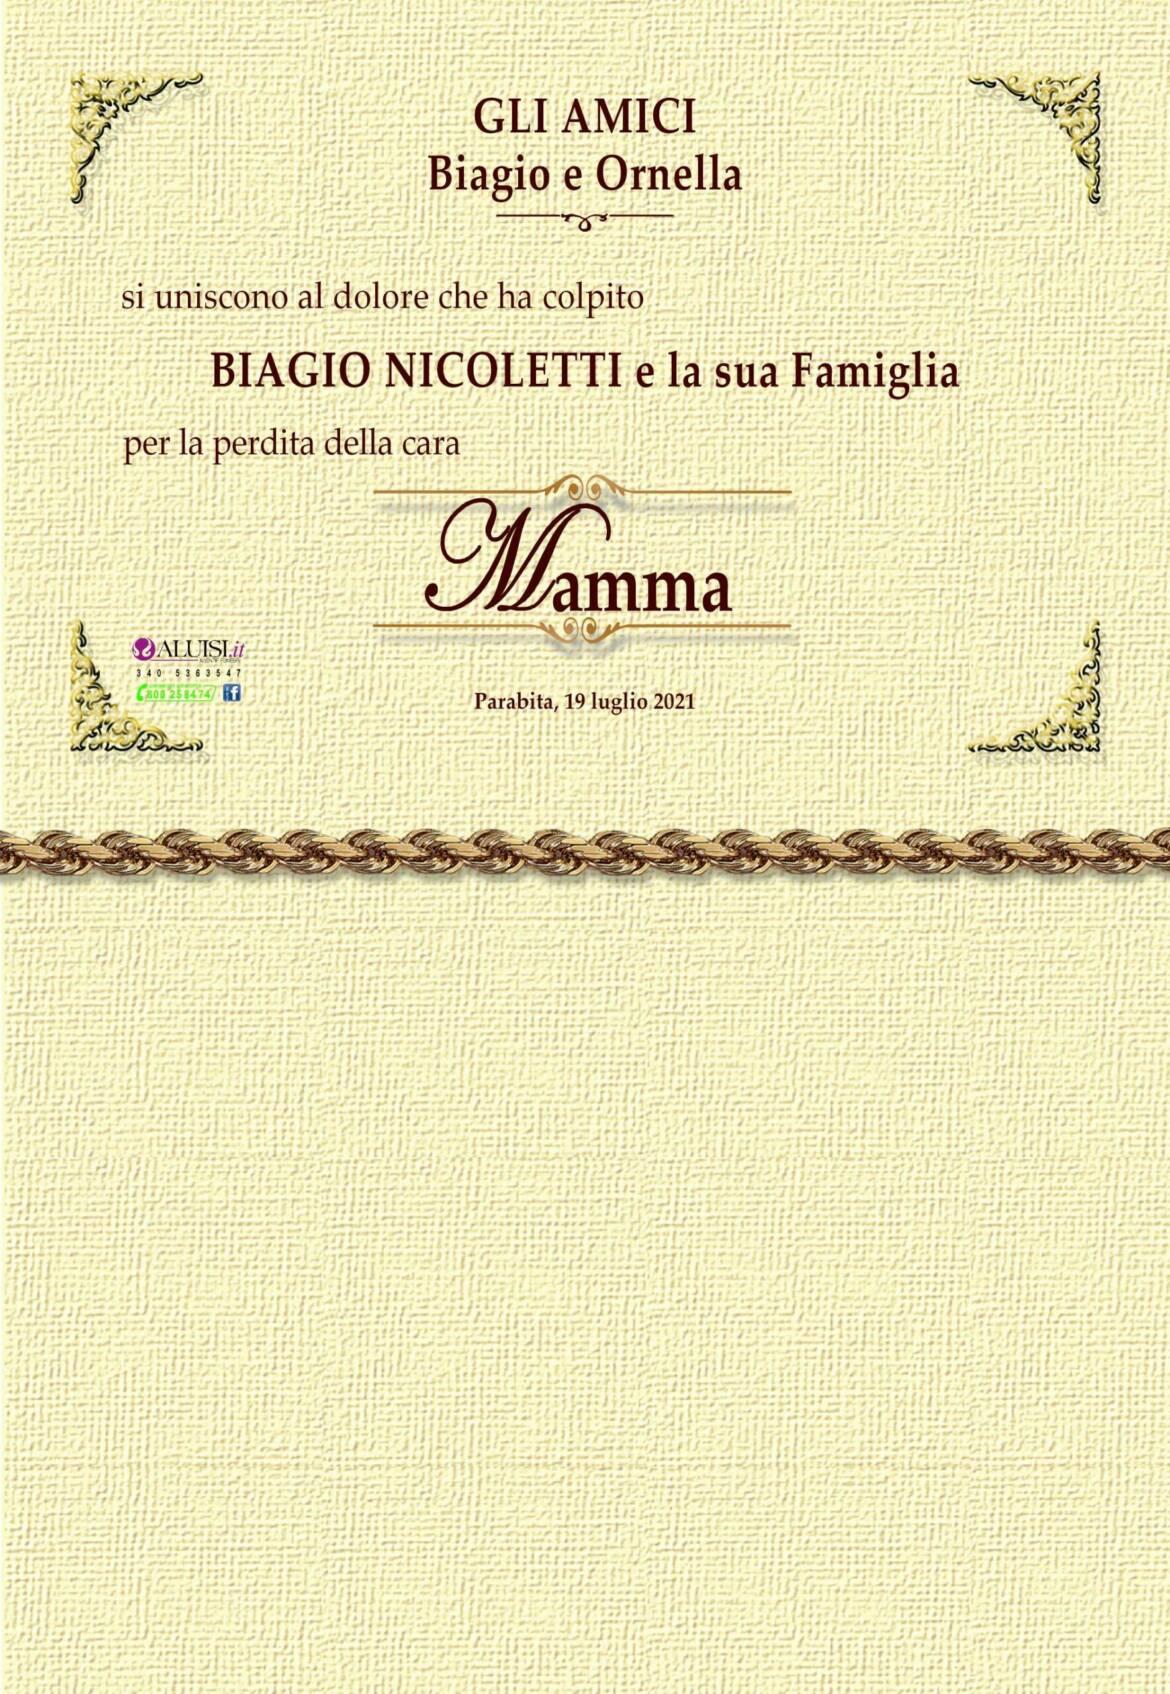 partecipazioni-ANTONIA-UNGARO-PARABITA-7-scaled.jpg